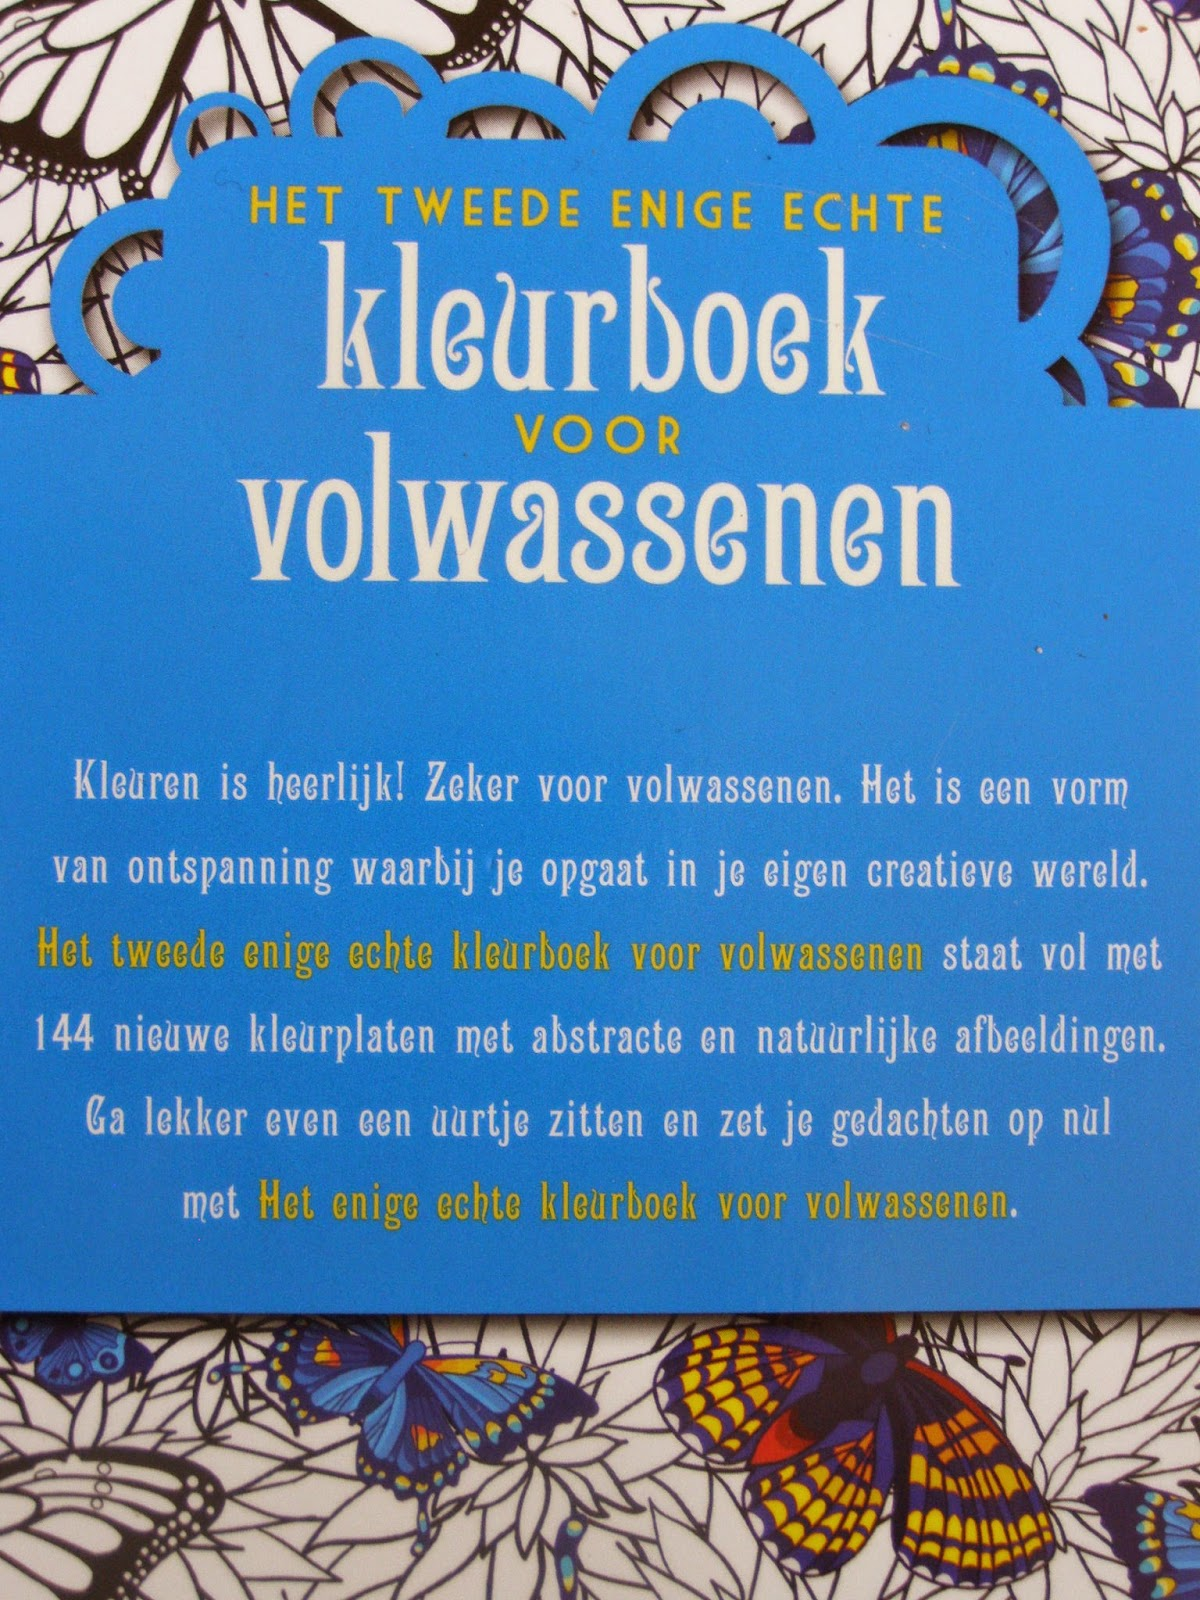 Kleurplaten Voor Volwassenen De Standaard.Wendy S Lifestyle Kleurboek Voor Volwassenen